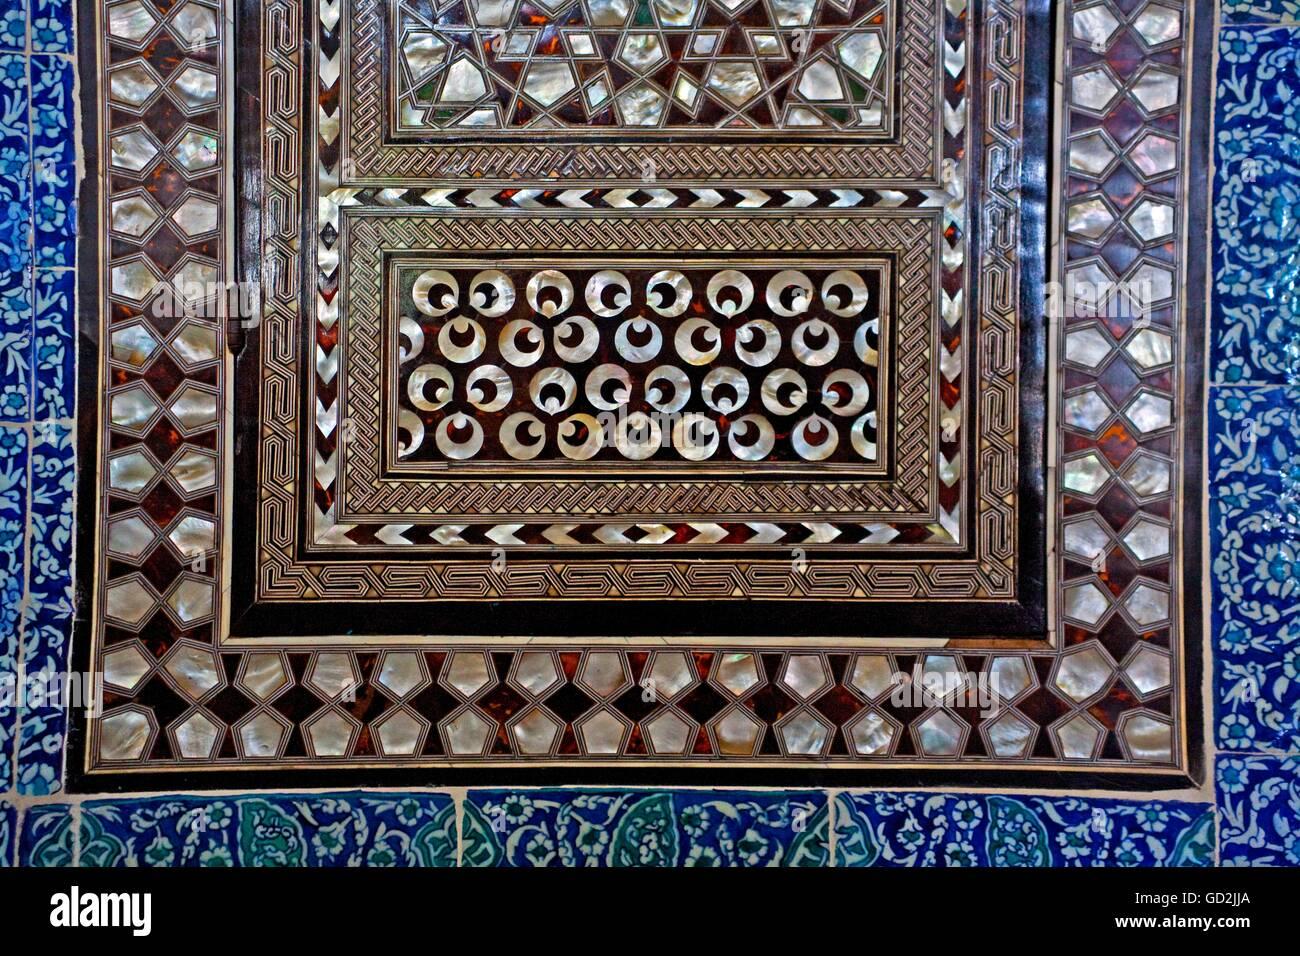 Bellas artes, Imperio Bizantino, adornos en el Palacio de Topkapi, Estambul, el Copyright del artista no ha de ser borrado Foto de stock